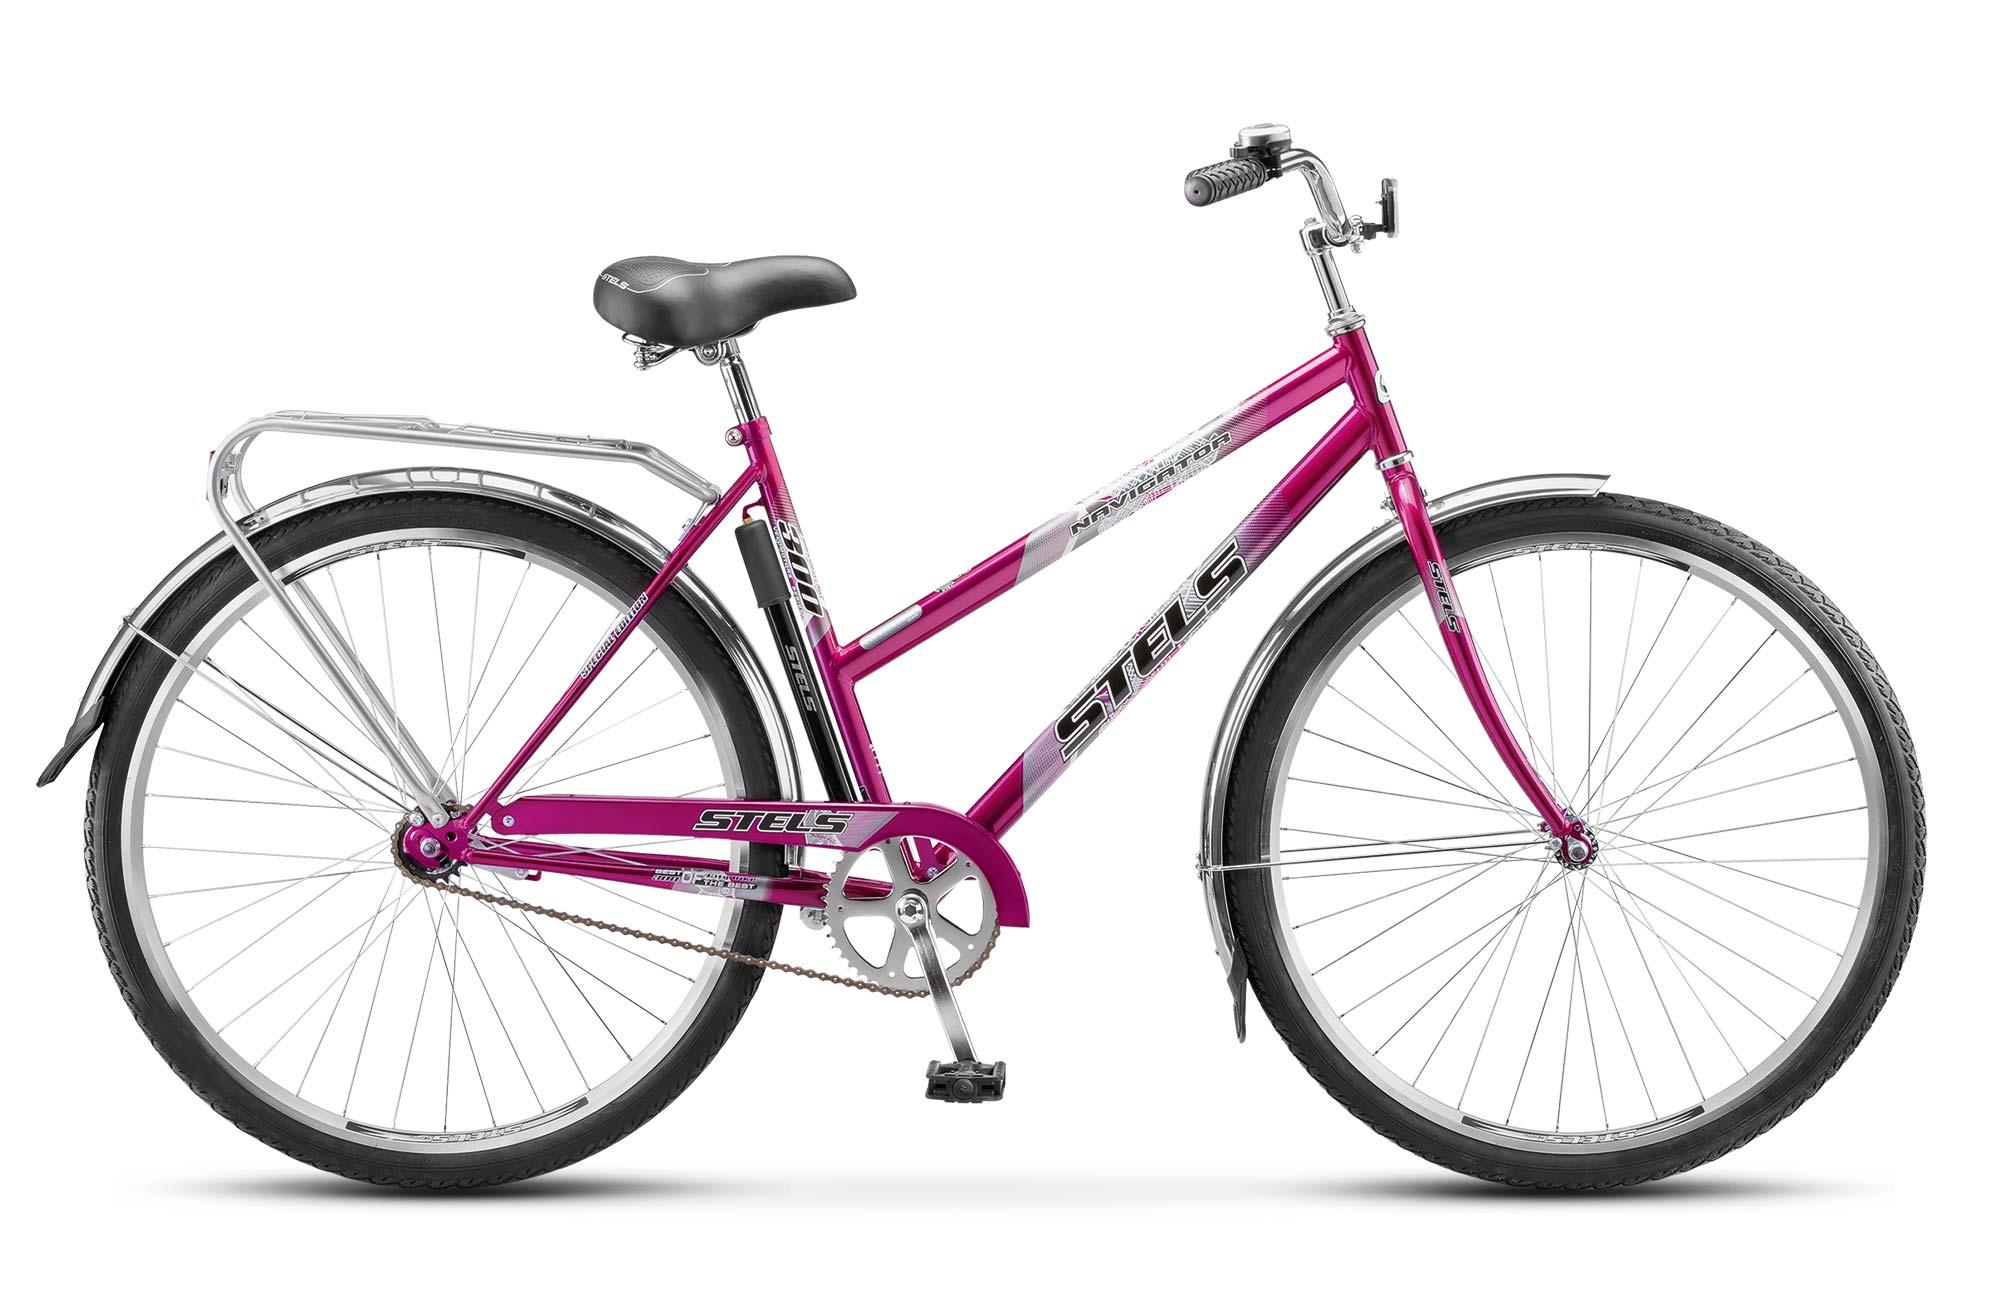 Велосипед Stels Navigator 300 Lady 28 (2017) фиолетовый 20КОМФОРТНАЯ ПОСАДКА<br><br><br>бренд: STELS<br>год: 2017<br>рама: Сталь (Hi-Ten)<br>вилка: Жесткая (сталь)<br>блокировка амортизатора: Нет<br>диаметр колес: 28<br>тормоза: Ножной ( Coaster brake)<br>уровень оборудования: Начальный<br>количество скоростей: 1<br>Цвет: фиолетовый<br>Размер: 20